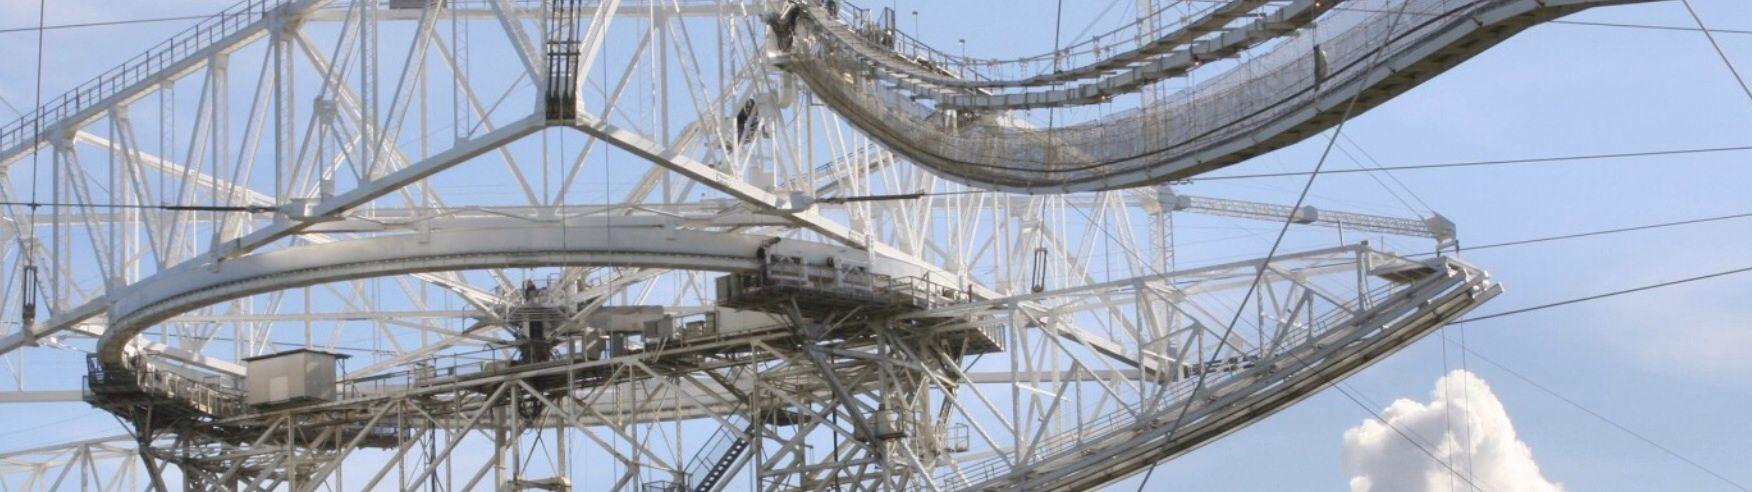 Vi el observatorio de arecibo, el radiotelescopio más grande del mundo. Era tan hermoso y maravilloso. Ejemplo perfecto de arquitectura moderna.